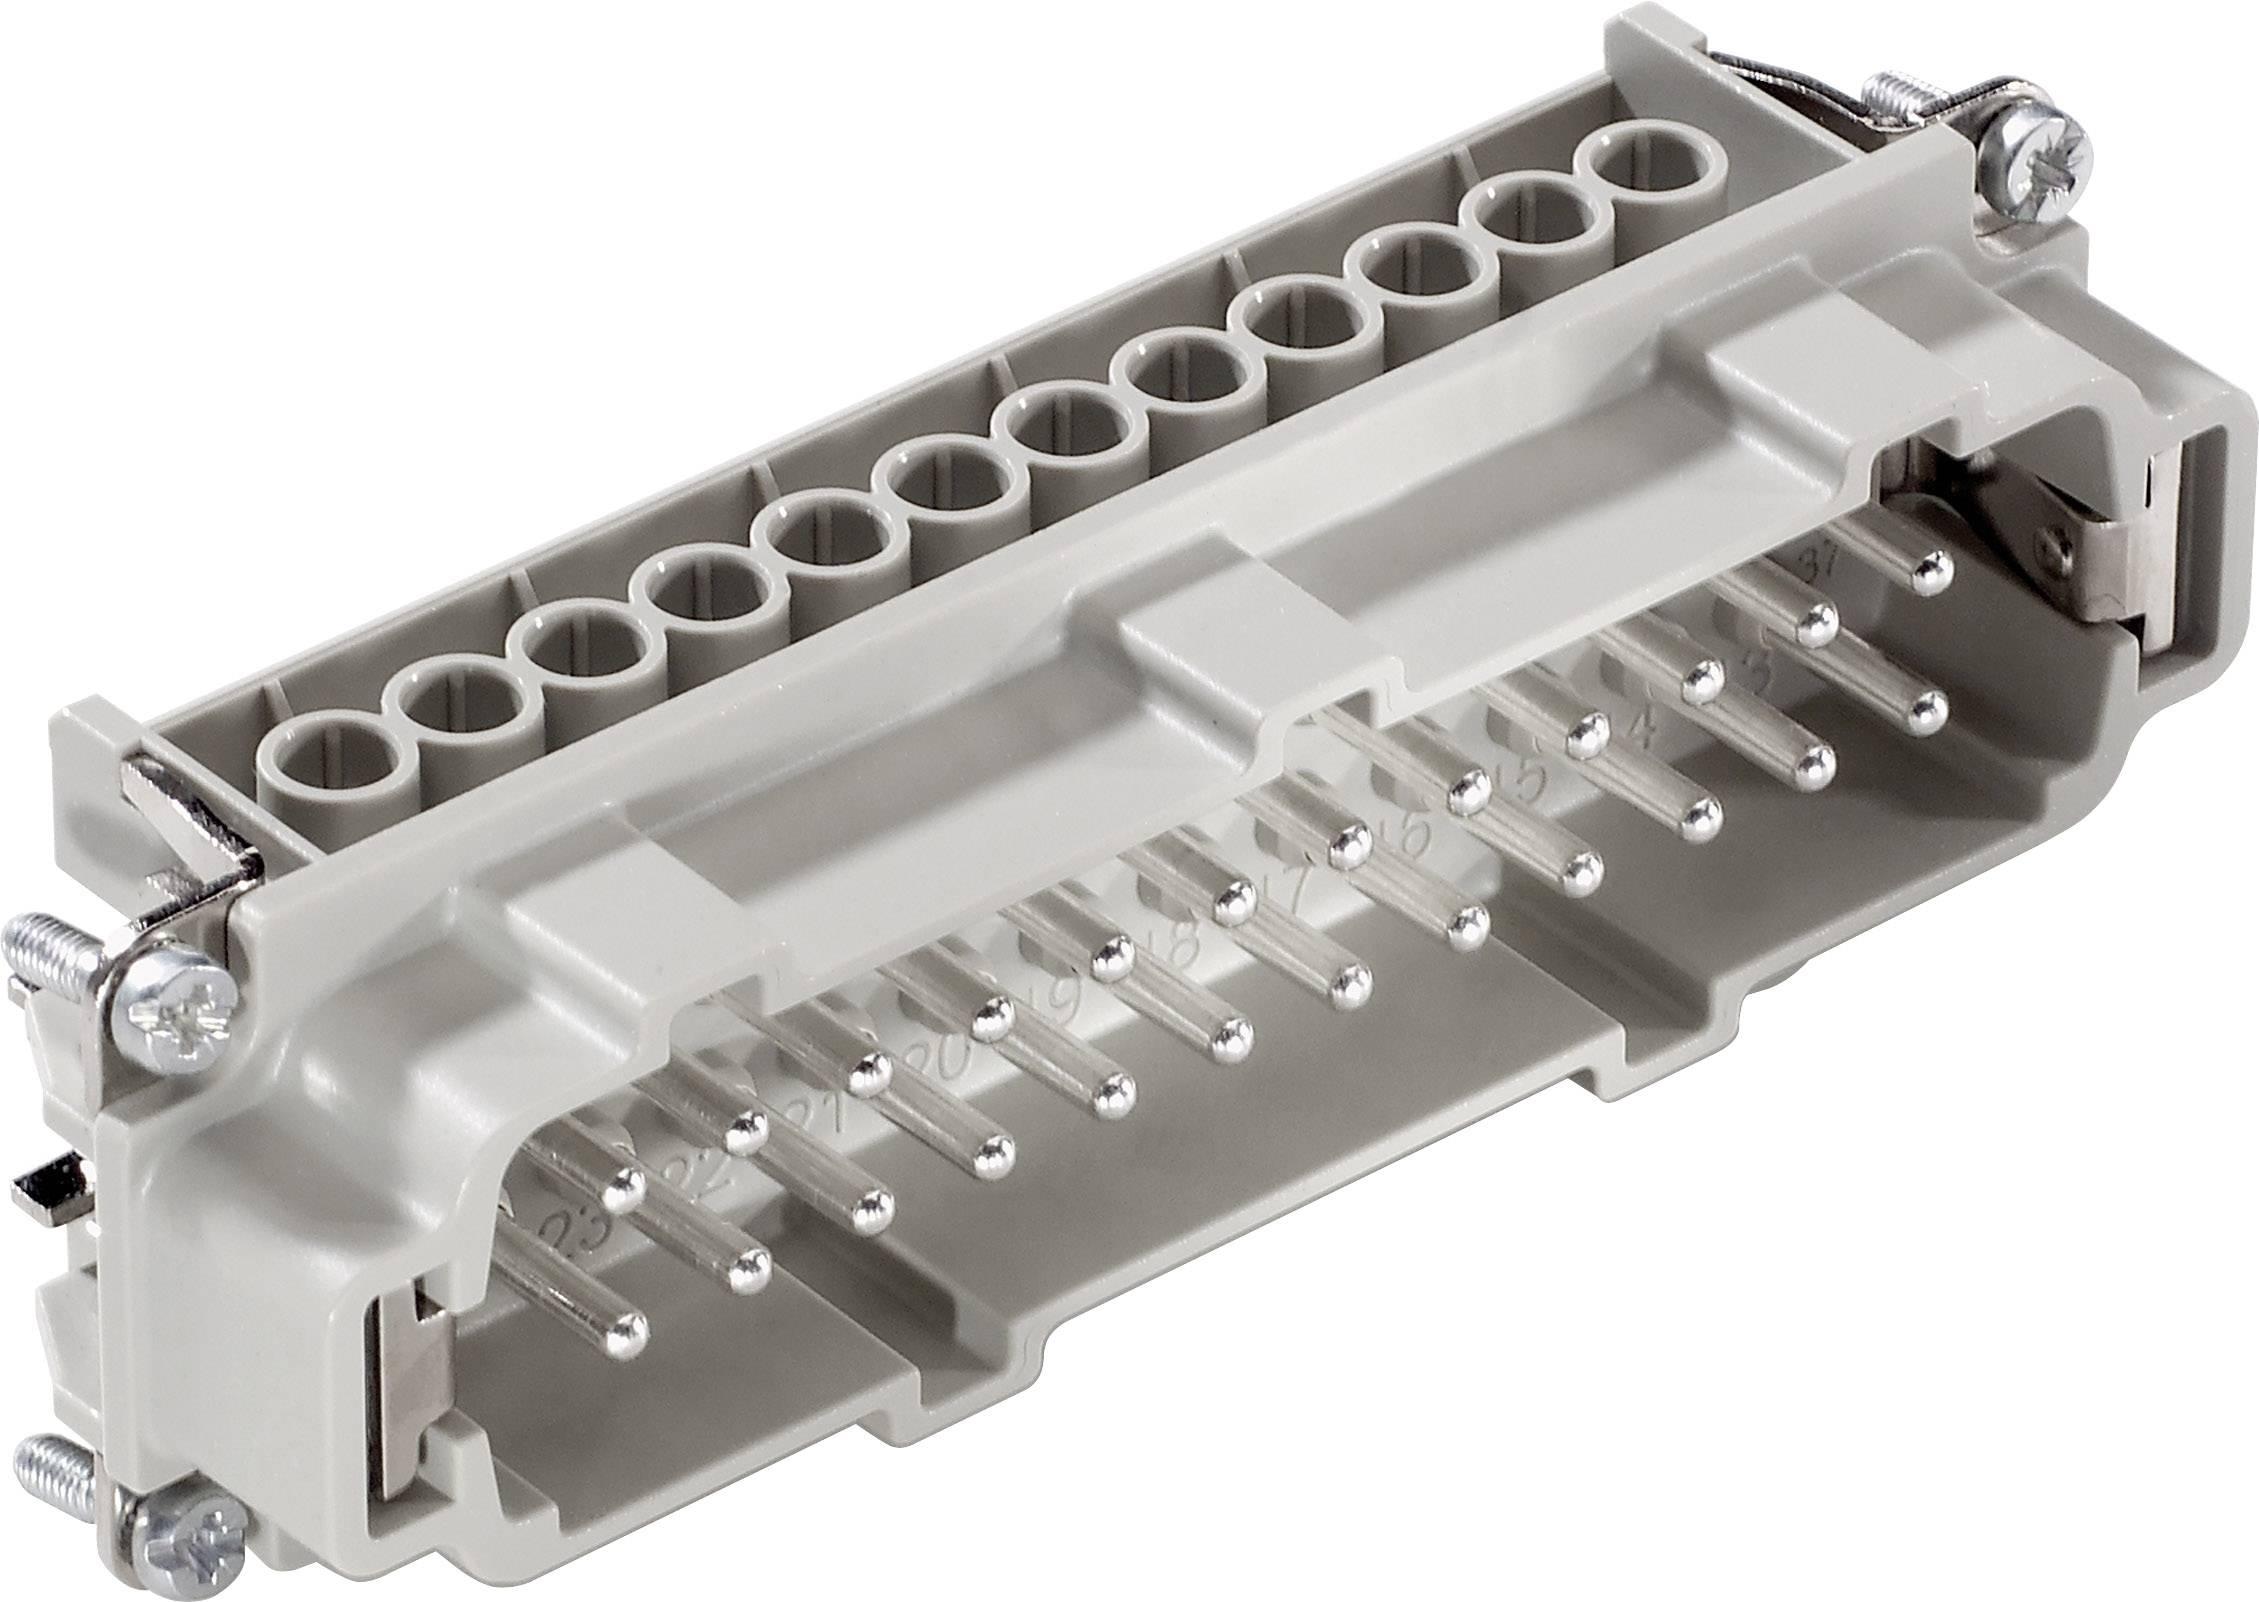 Vložka pinového konektoru EPIC® H-BE 24 10196000 LappKabel počet kontaktů 24 + PE 1 ks